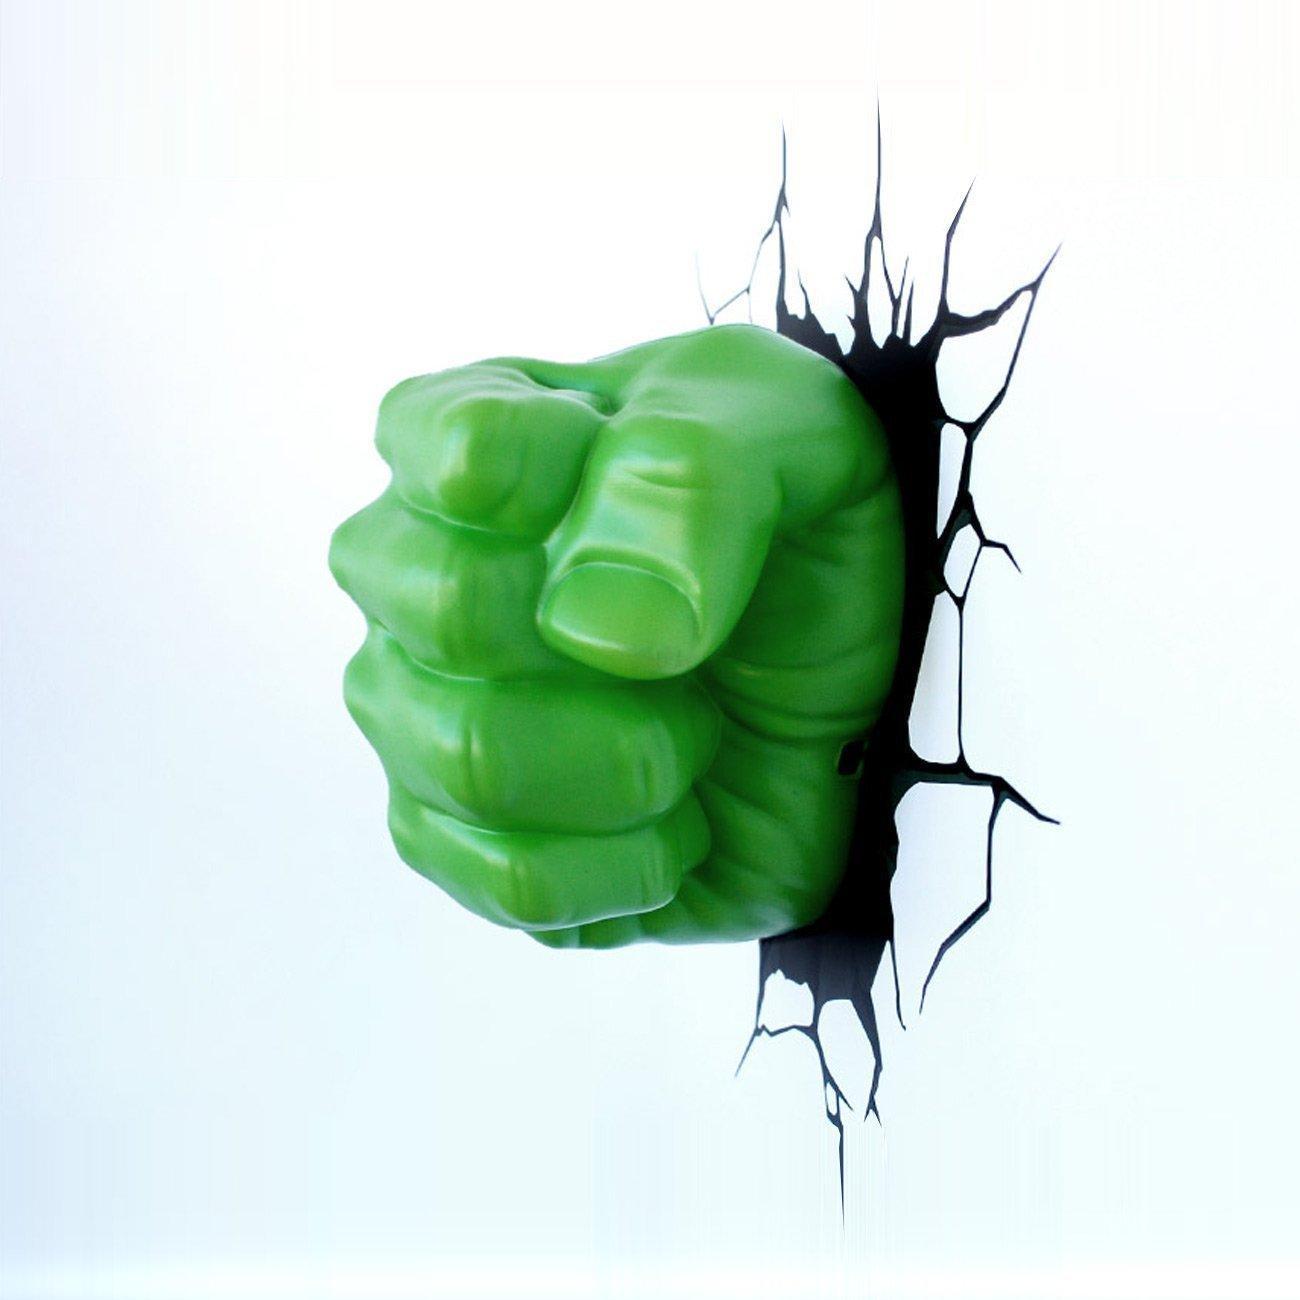 Hulk Fist 3D Deco Light